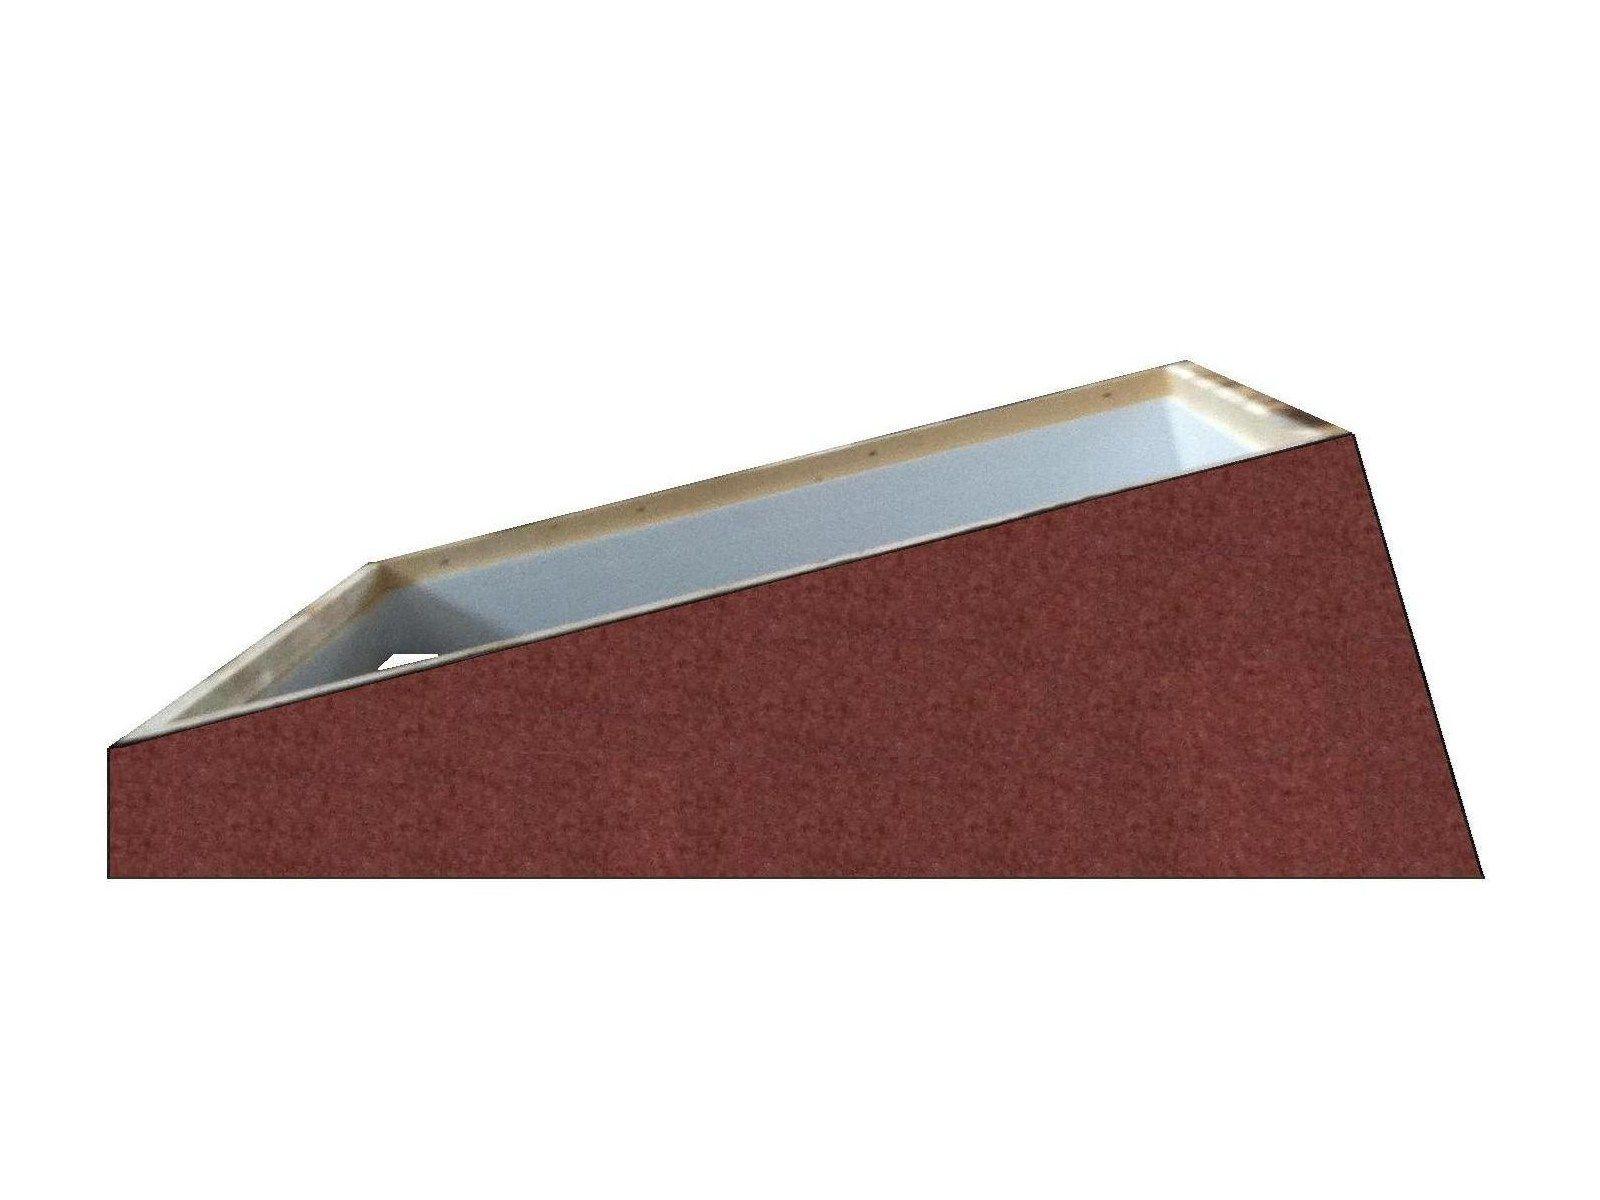 Basamento ed accessori per lucernario rialzo per tetti for Lucernari per tetti